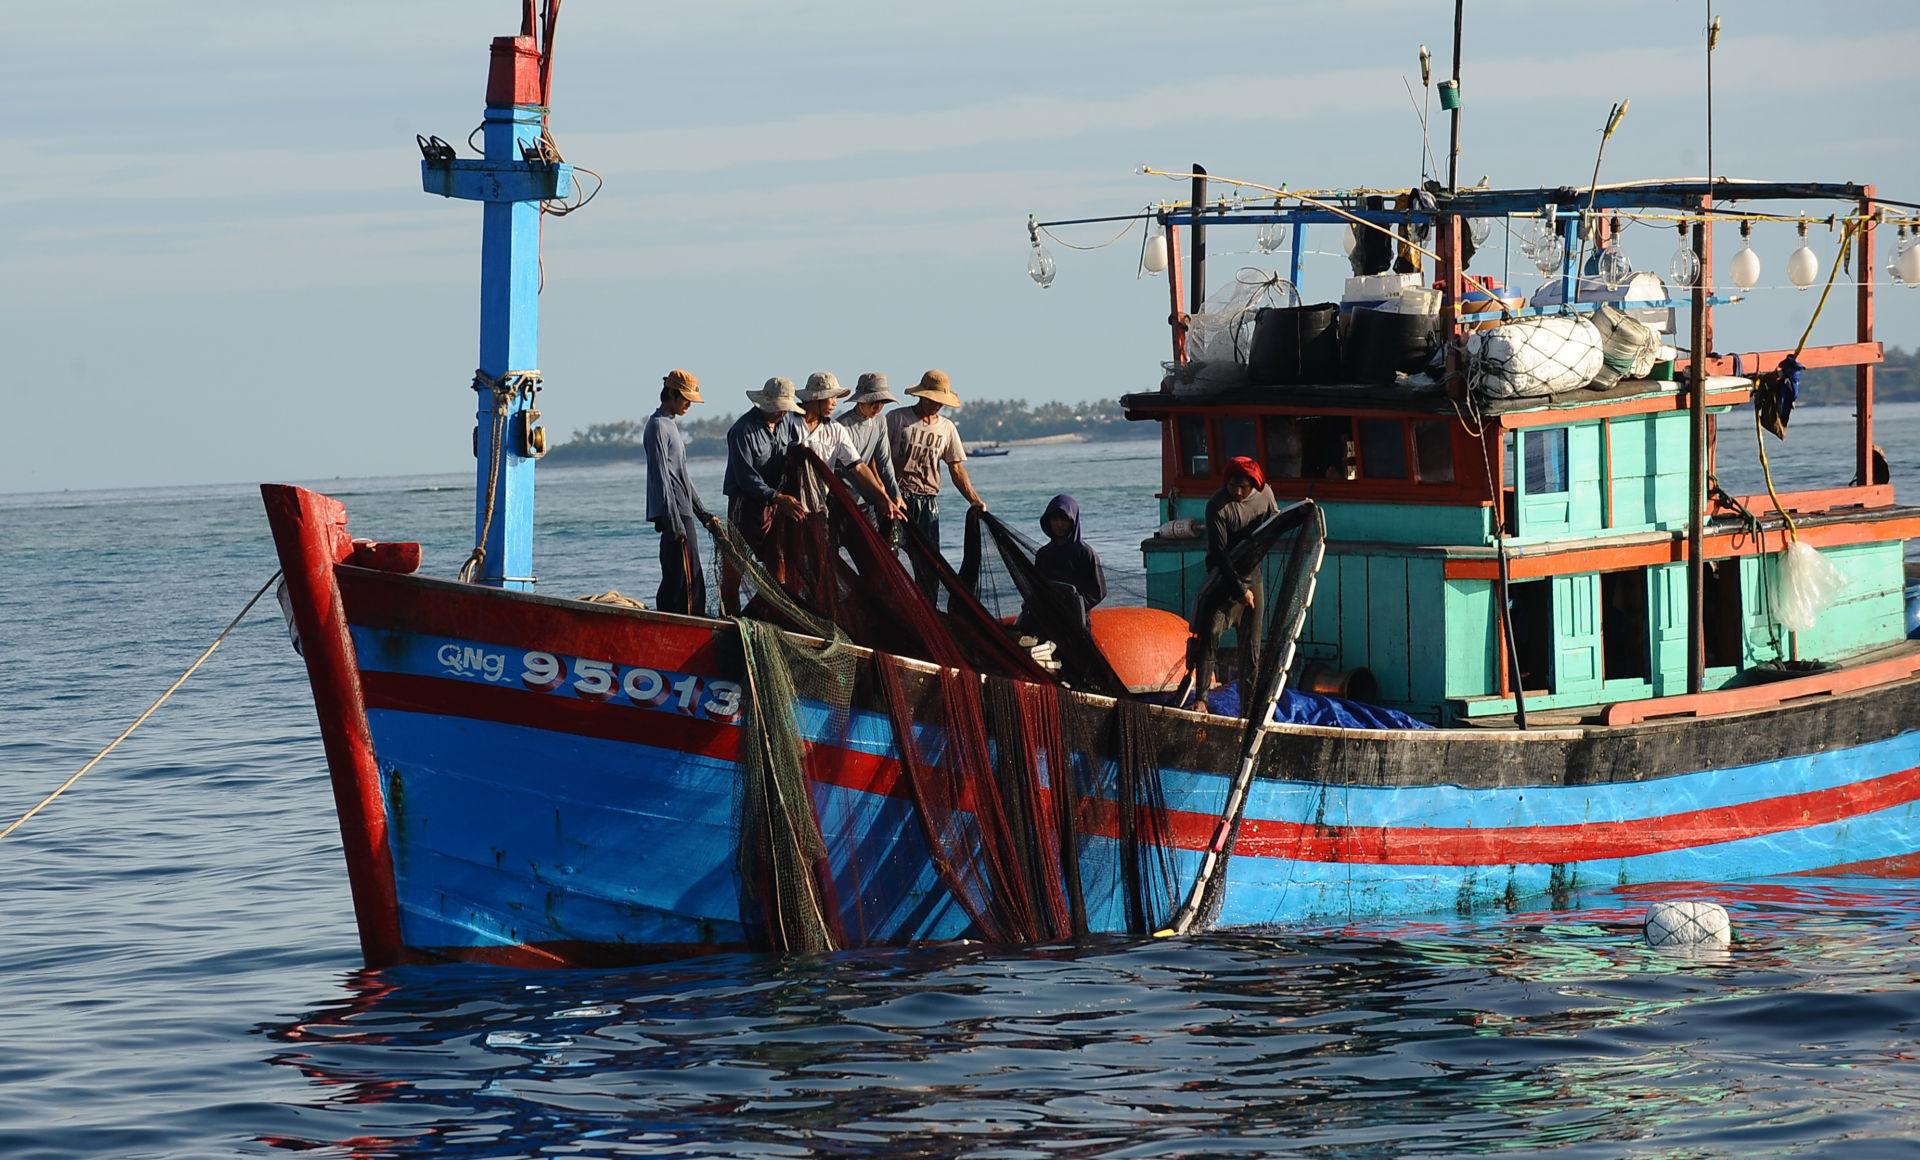 Quảng Ngãi Một tàu cá của ngư dân bị tàu Trung Quốc đâm chìm, 2 tàu cá khác bị bắt giữ trái phép 3